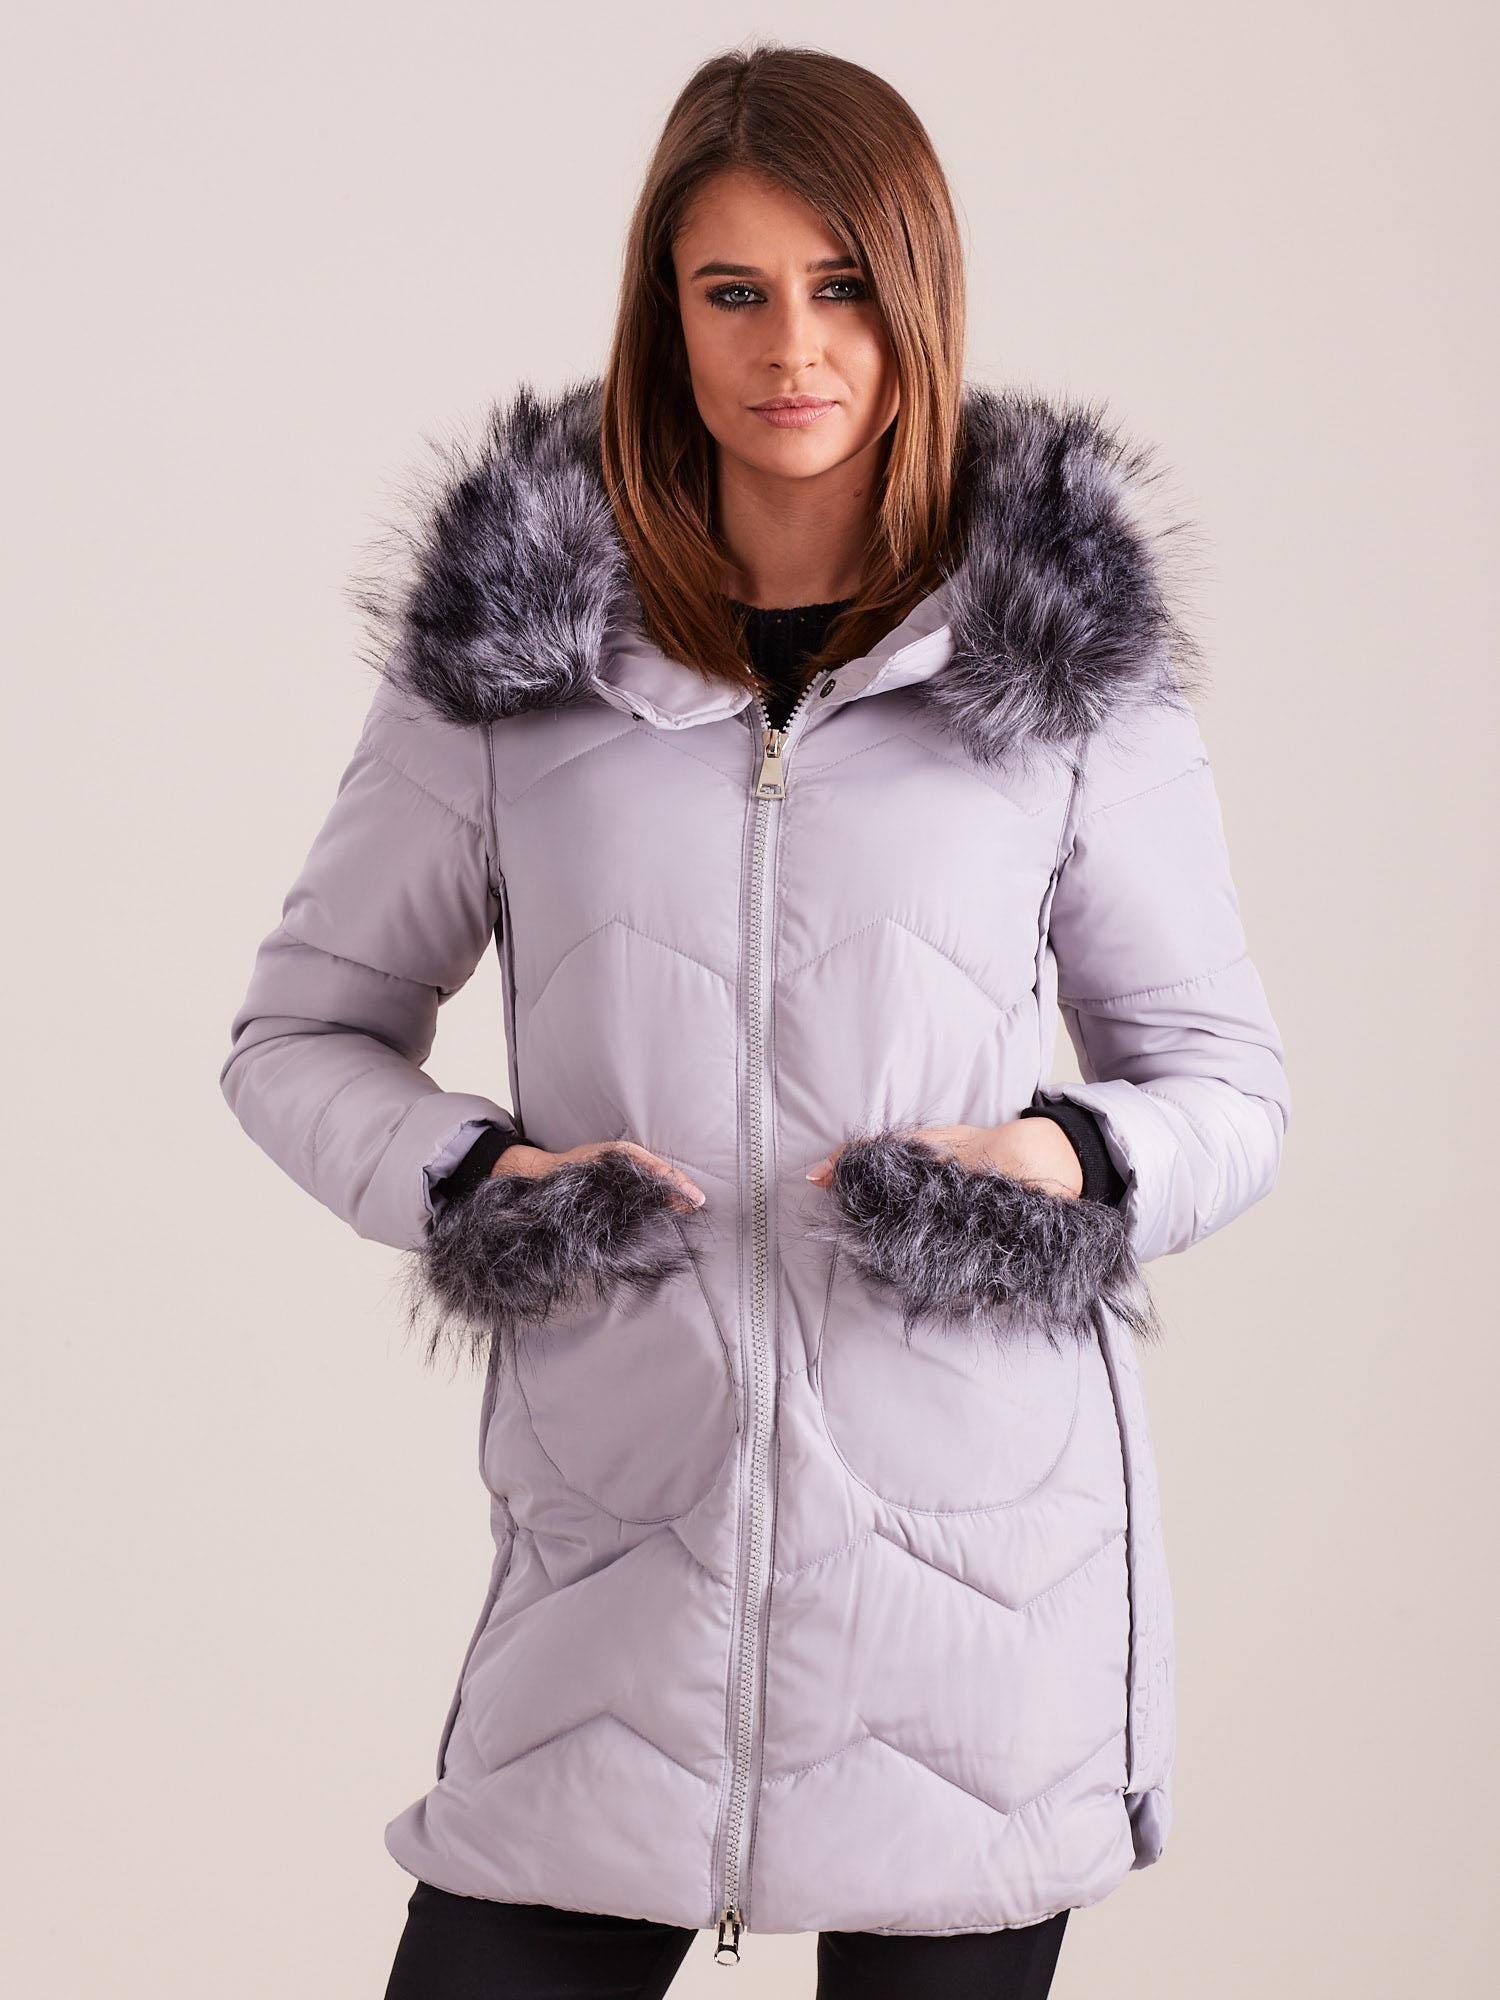 Dámská zimní bunda s kožešinou, šedá S